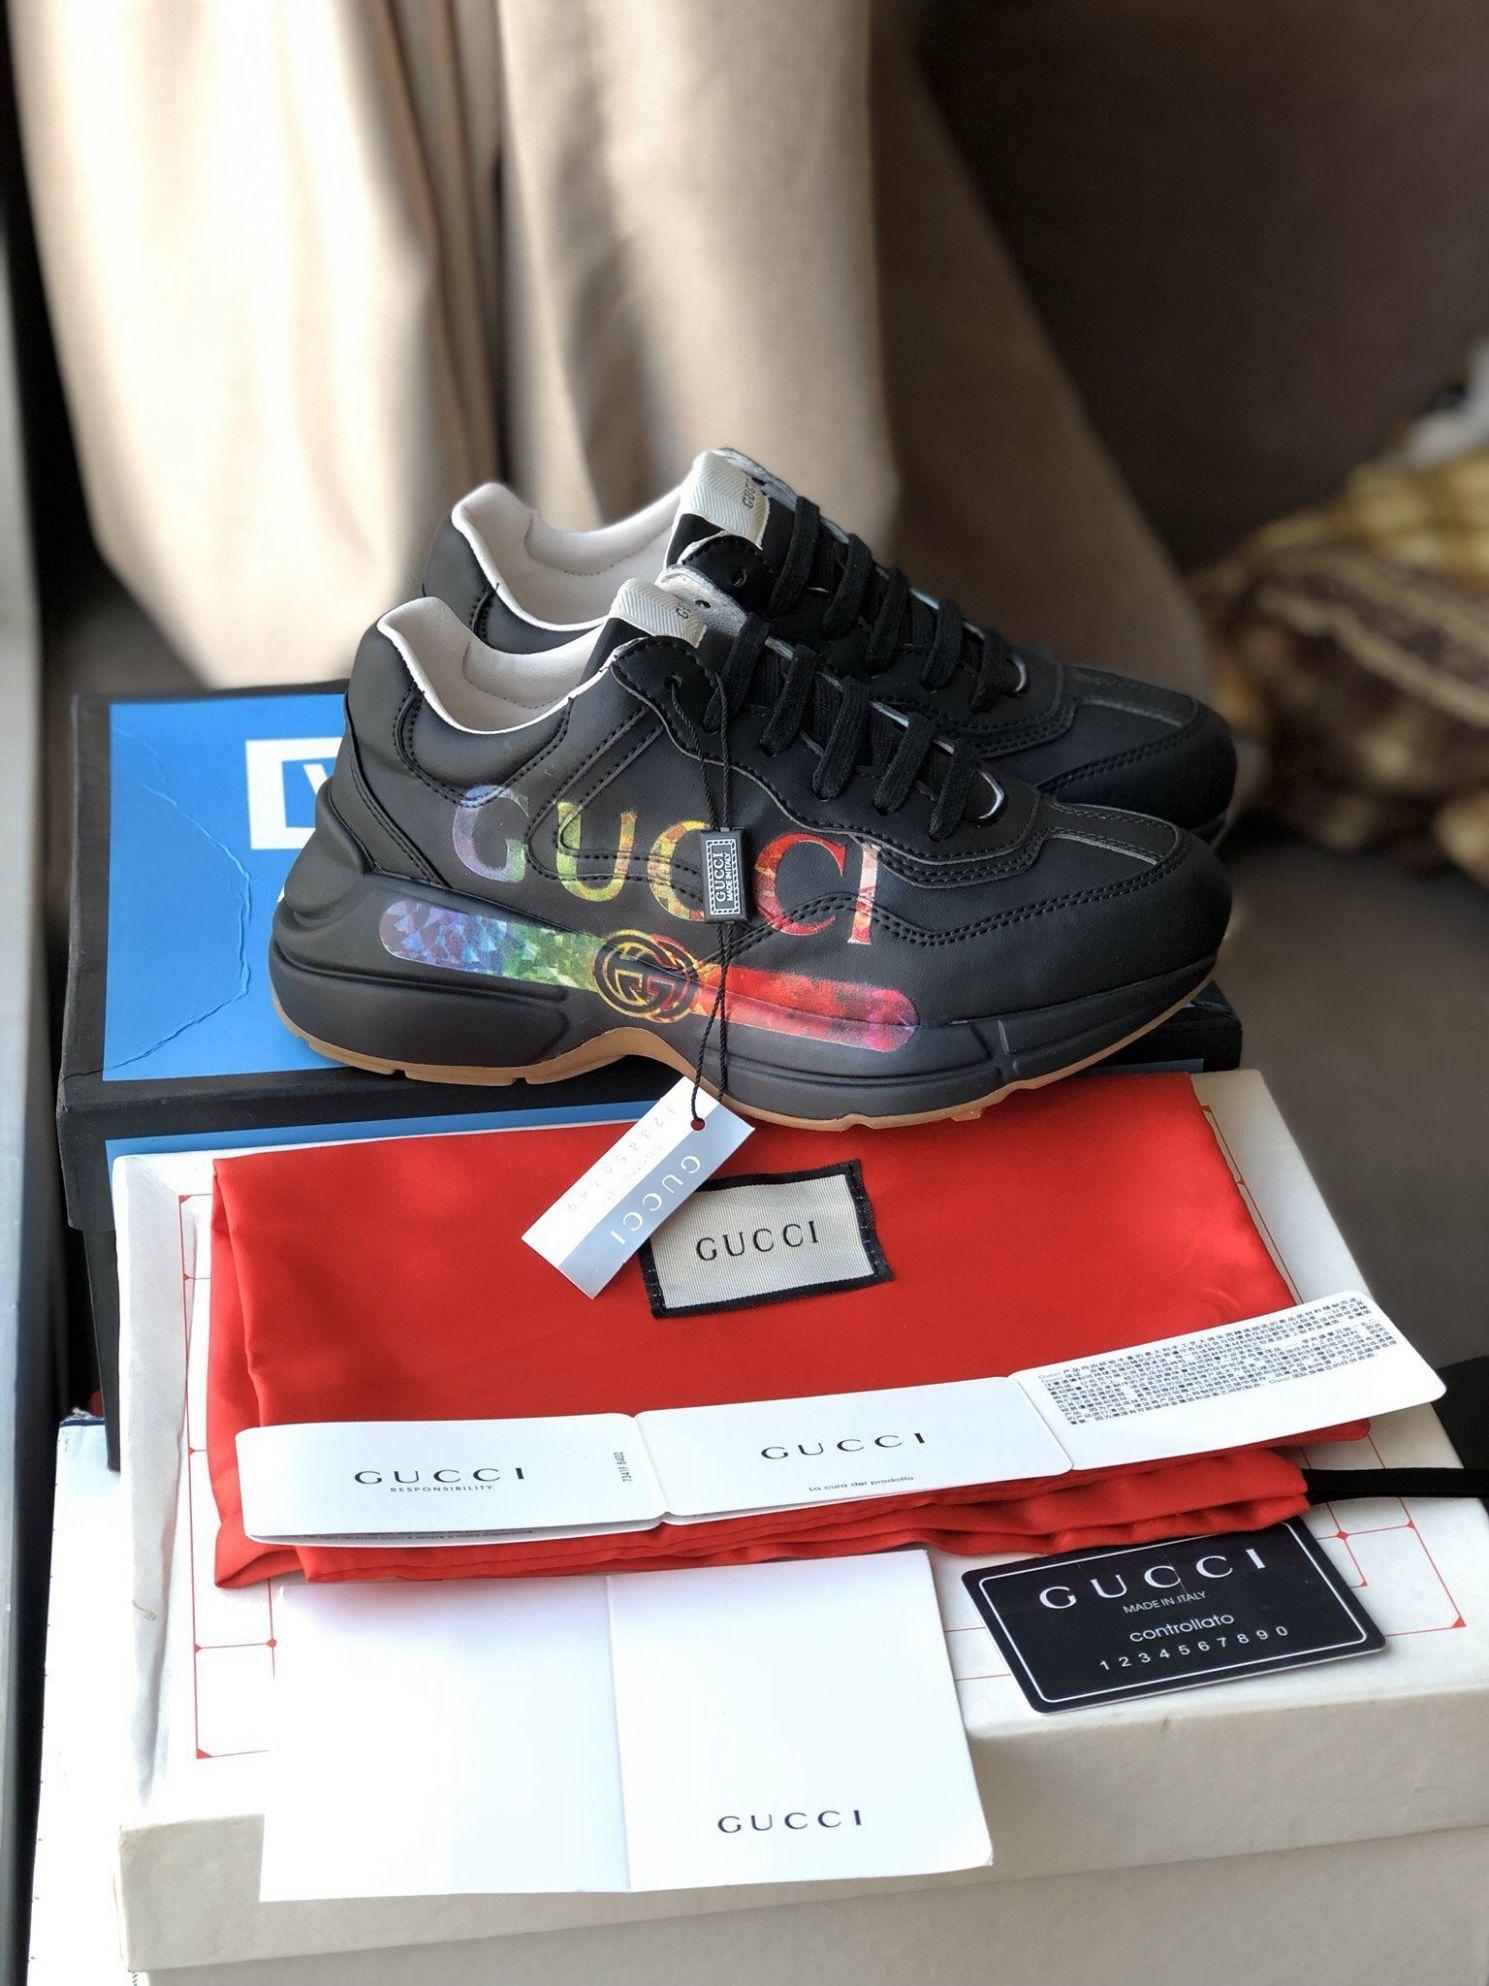 Giày gucci rhyton black đen rep 1:1